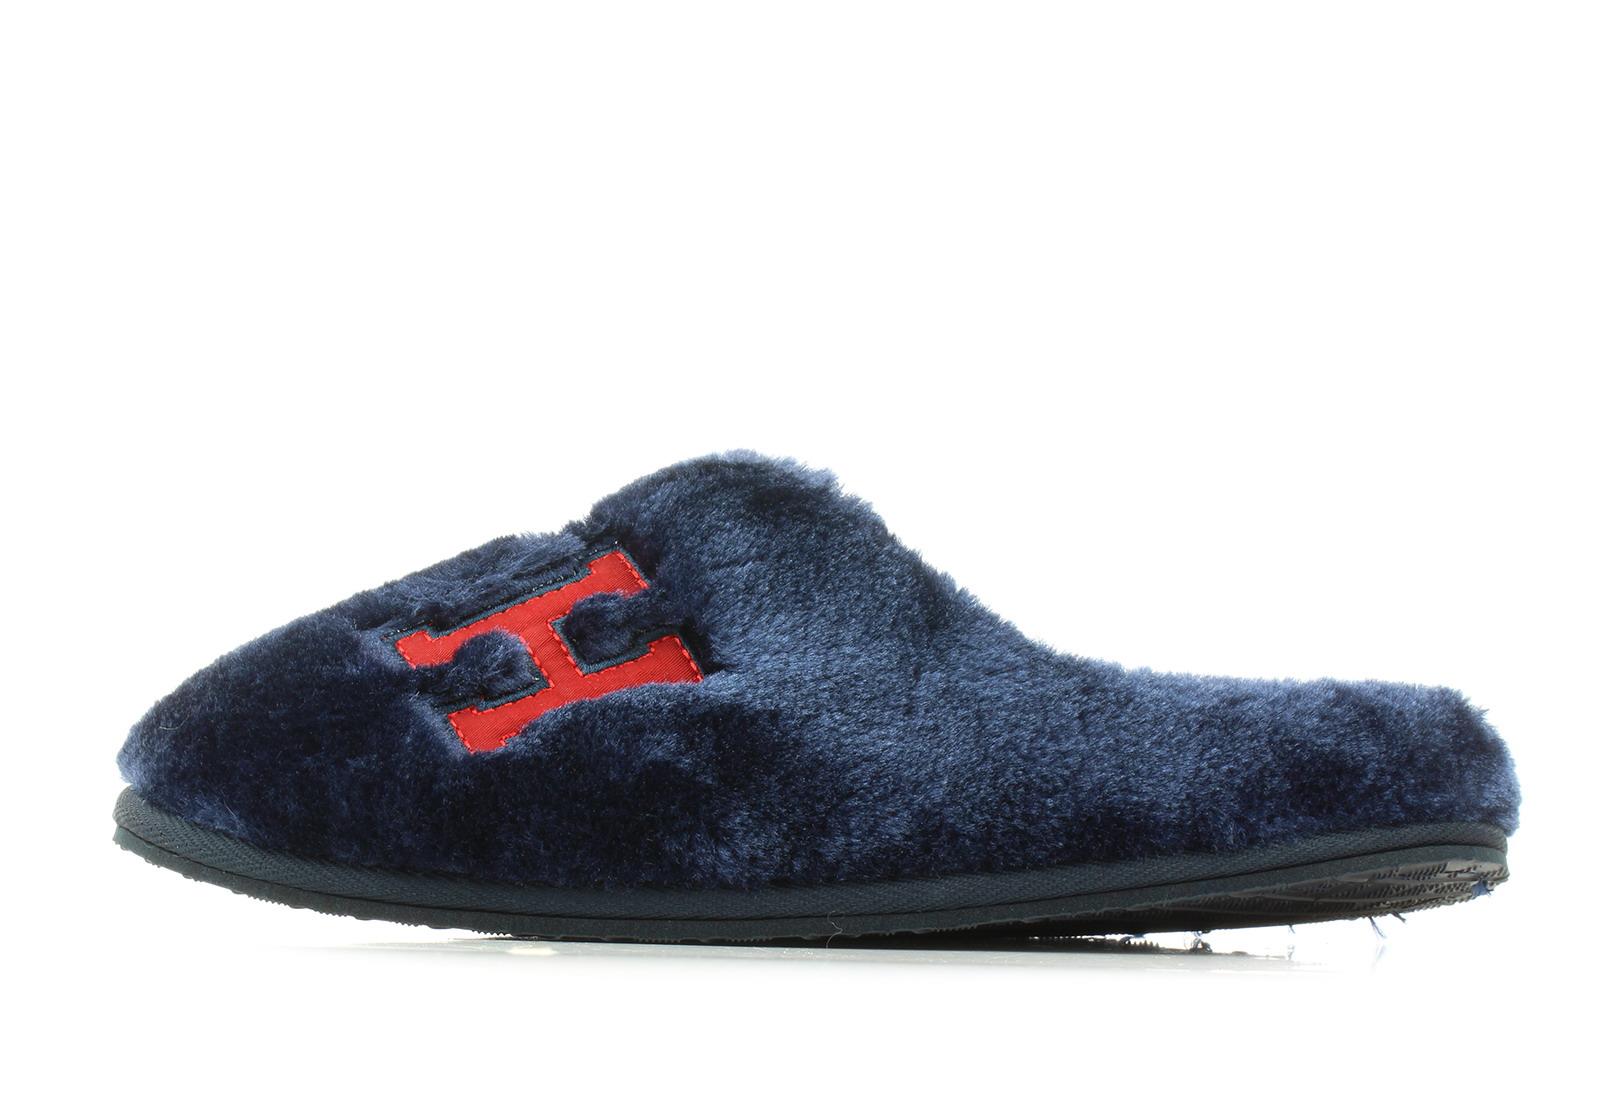 Tommy Hilfiger Papucs - Marthe 1d3 - 18H-4180-403 - Office Shoes ... 250f6cb730